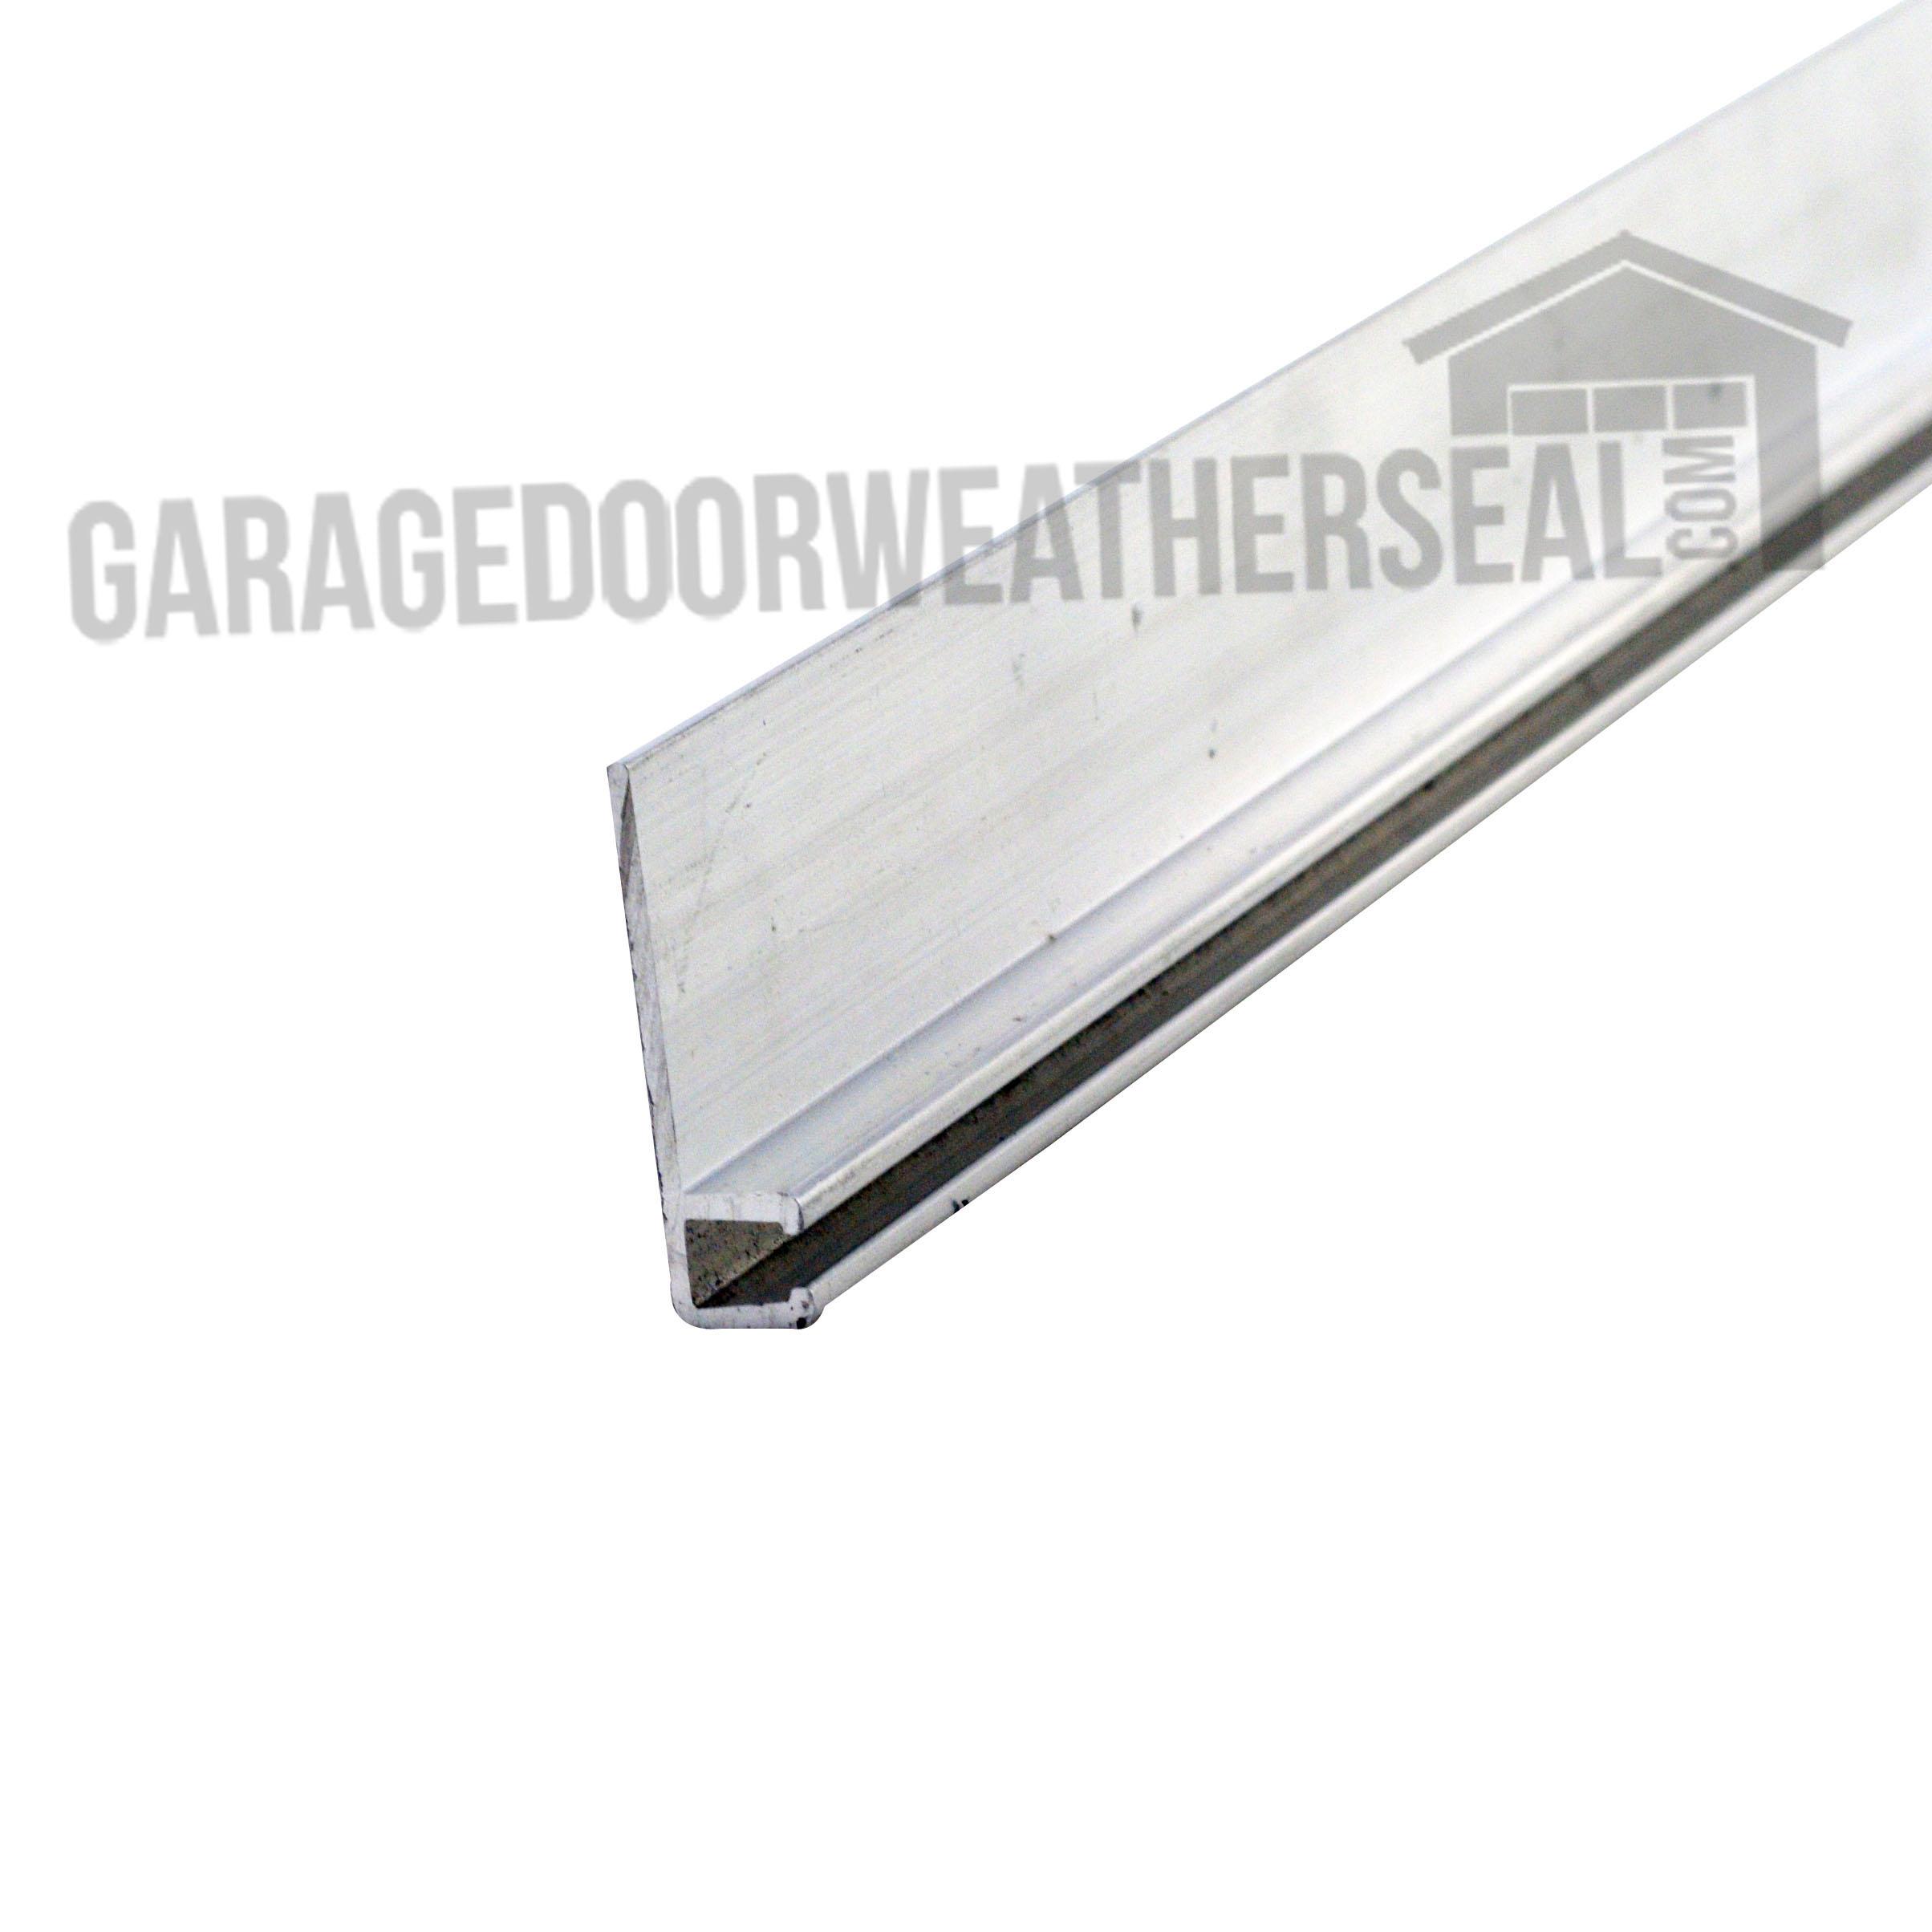 Garage Door Retainer - 1 Inch 90 Degree